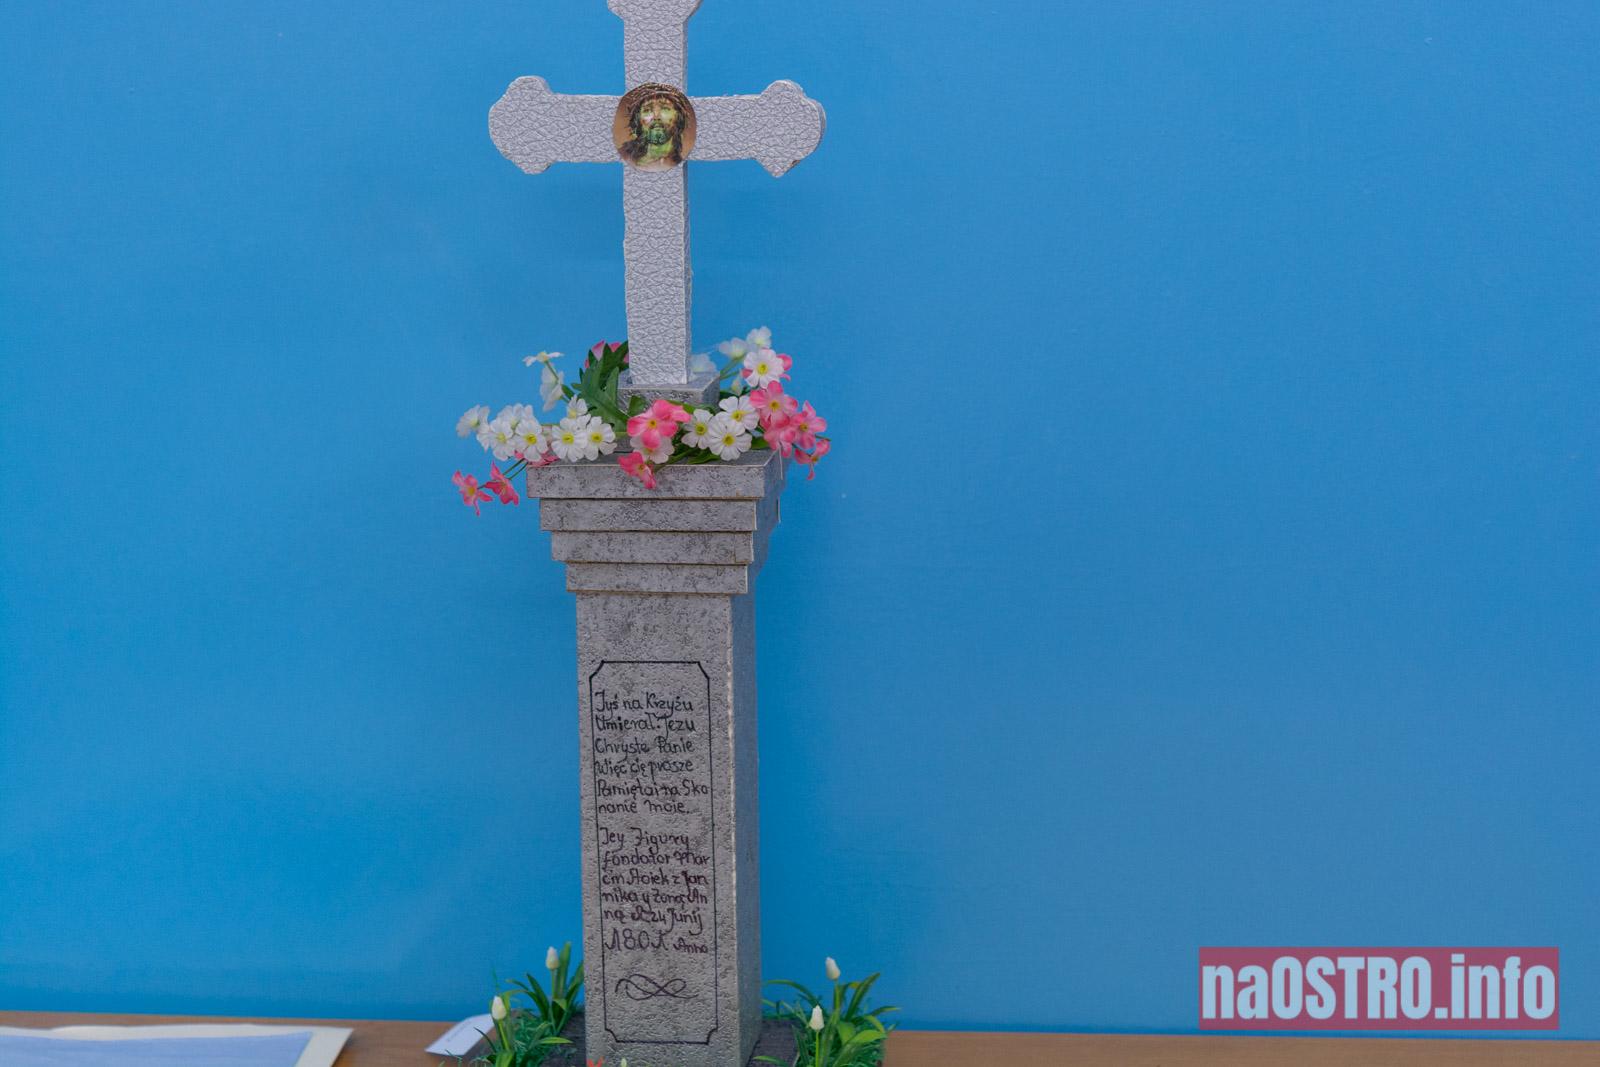 NaOSTROinfo Konkurs Kapliczki Doły Biskupie-36